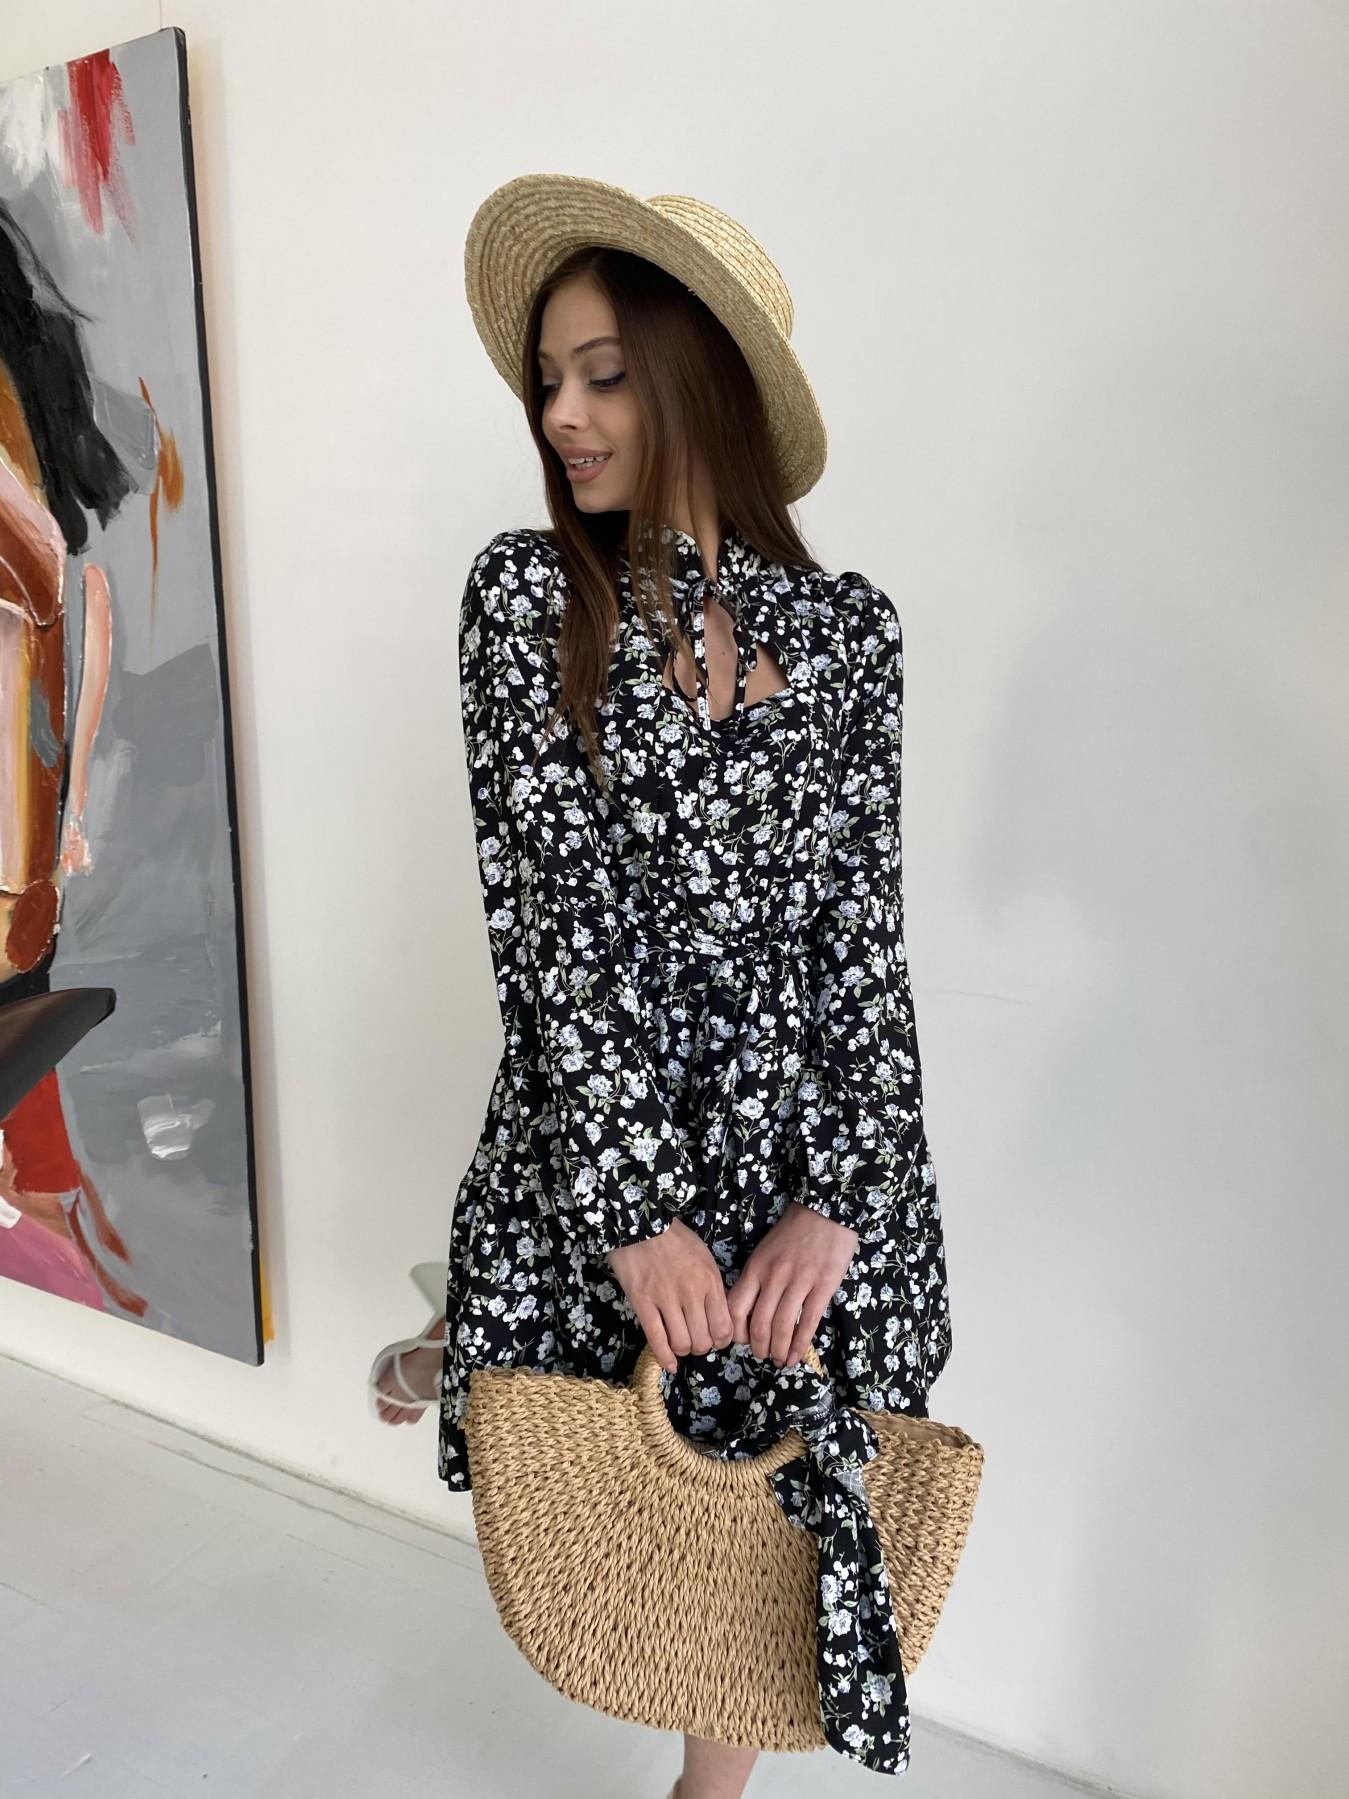 Марселла платье из вискозы и льна 11329 АРТ. 47882 Цвет: Черный/ГолубаяХризантема - фото 6, интернет магазин tm-modus.ru